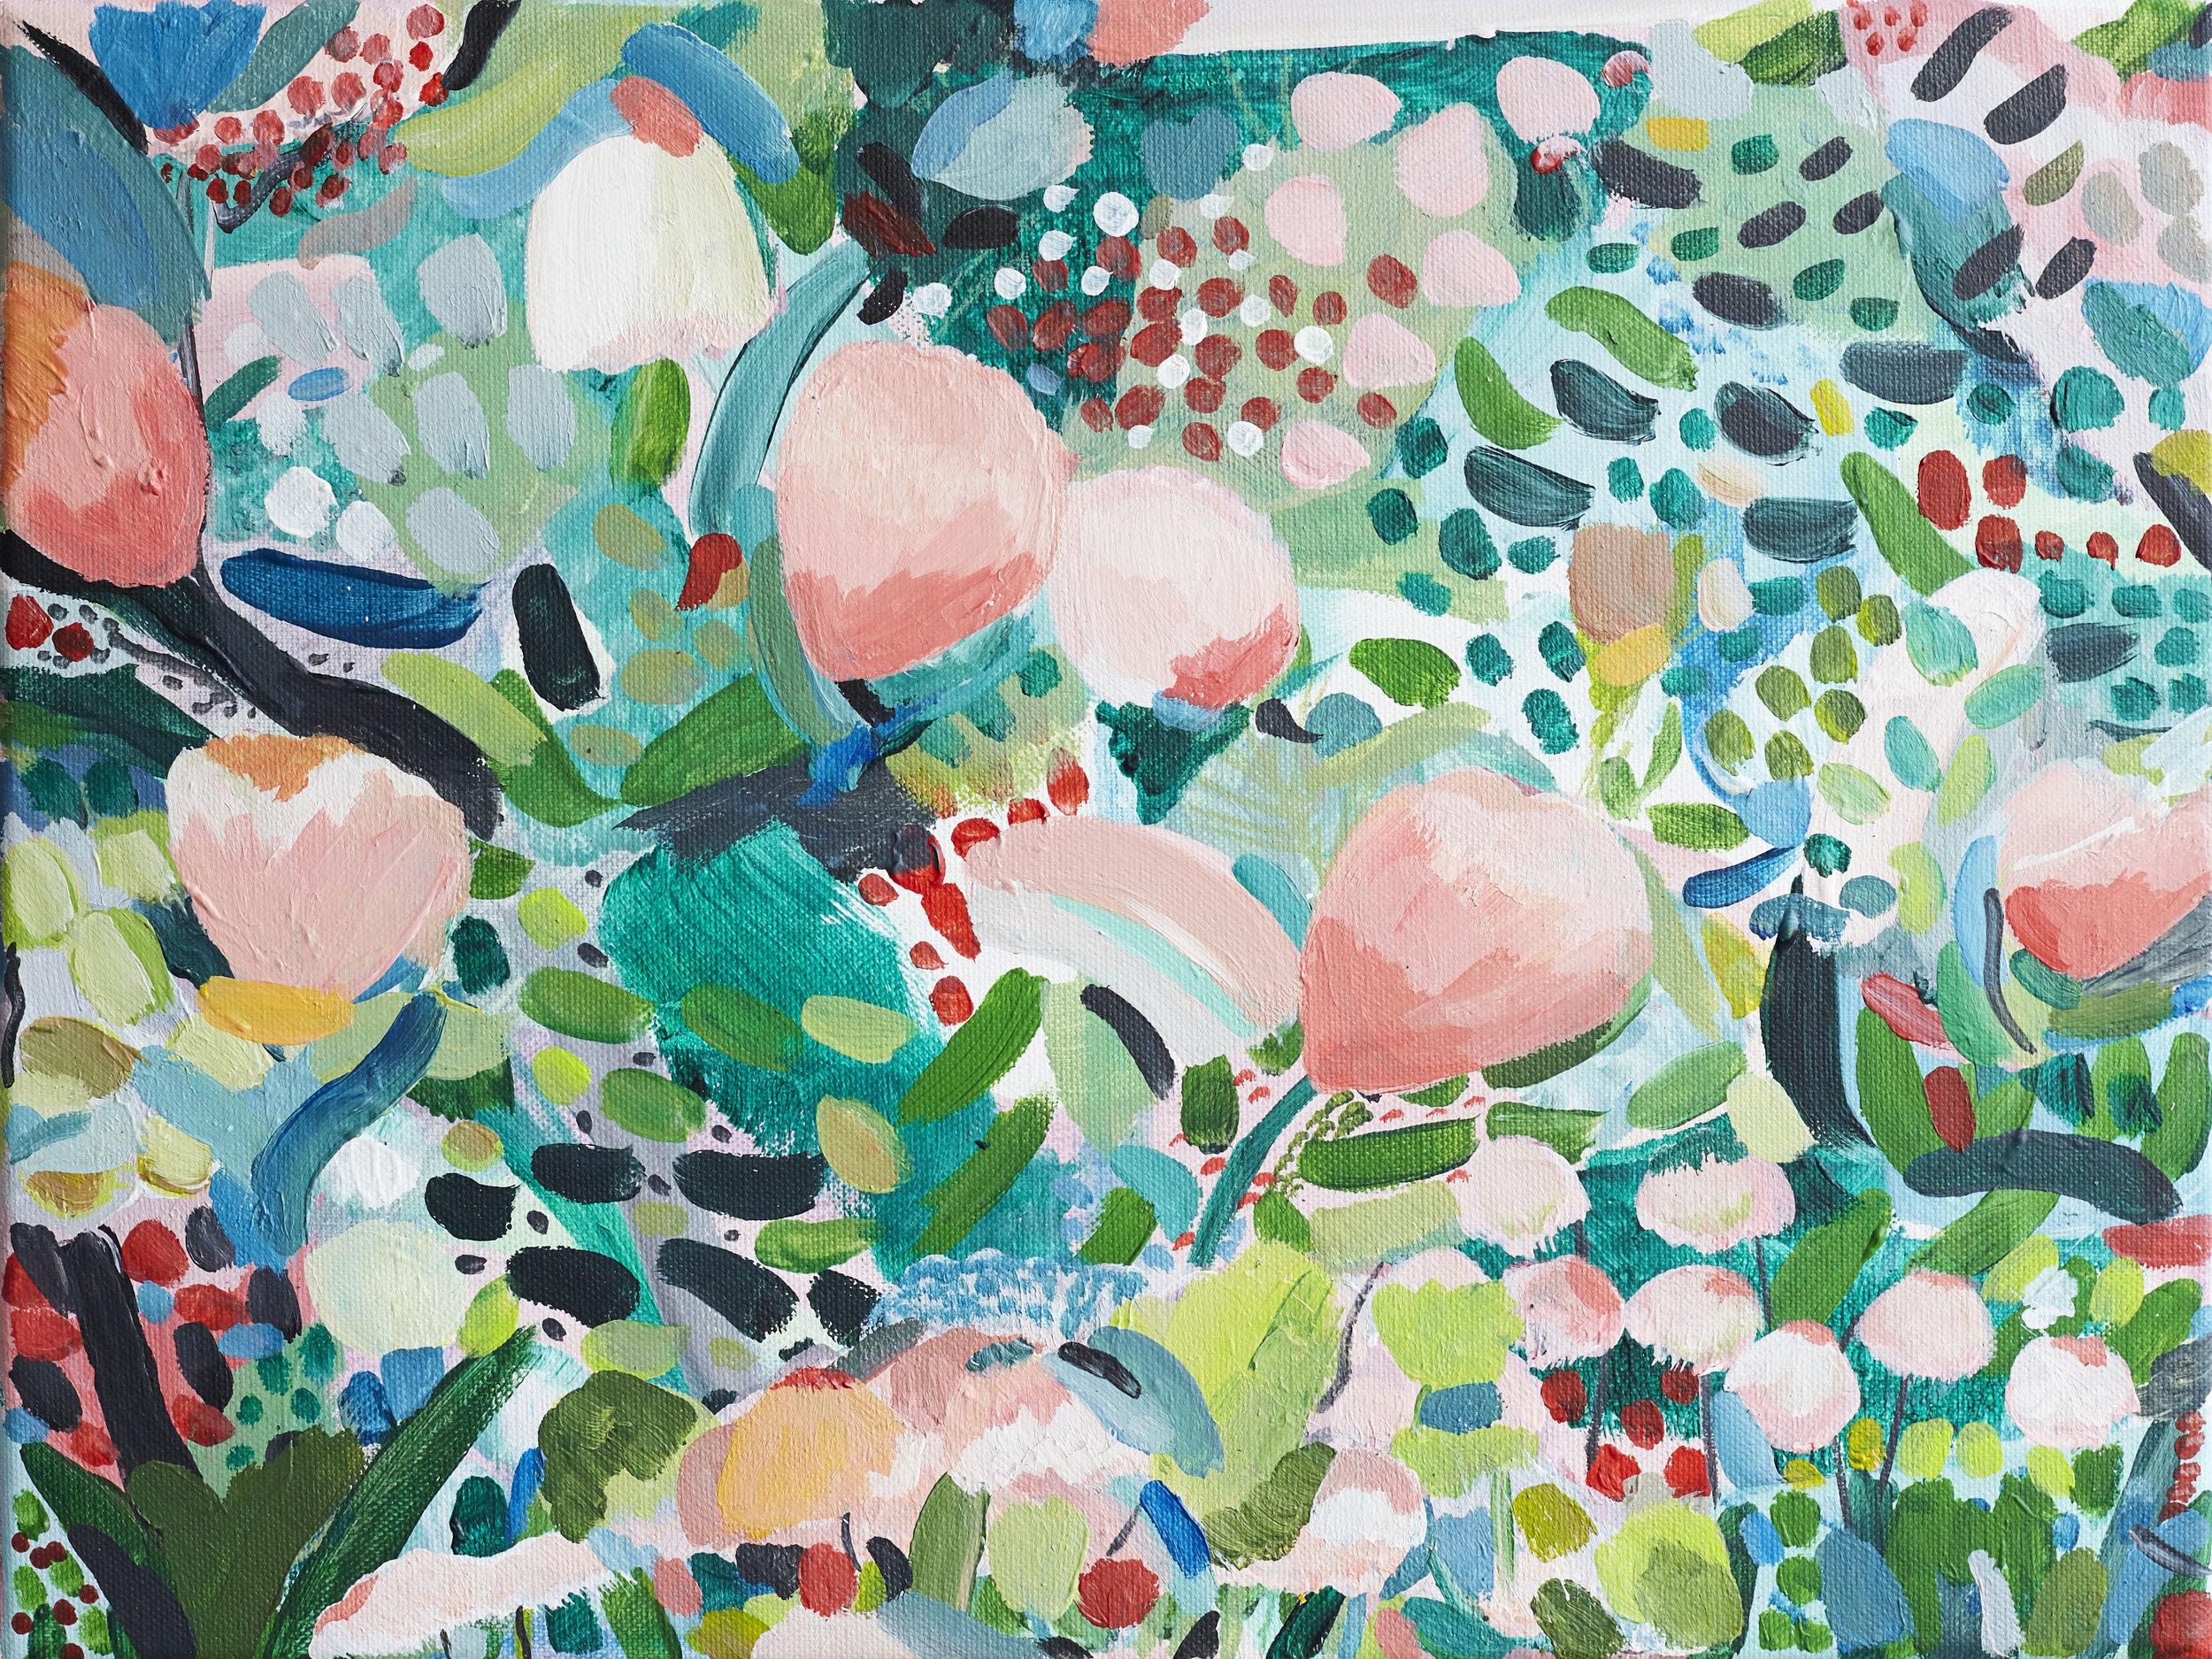 'Come Into The Garden'  40cmx30cm Acrylic on canvas (sold)